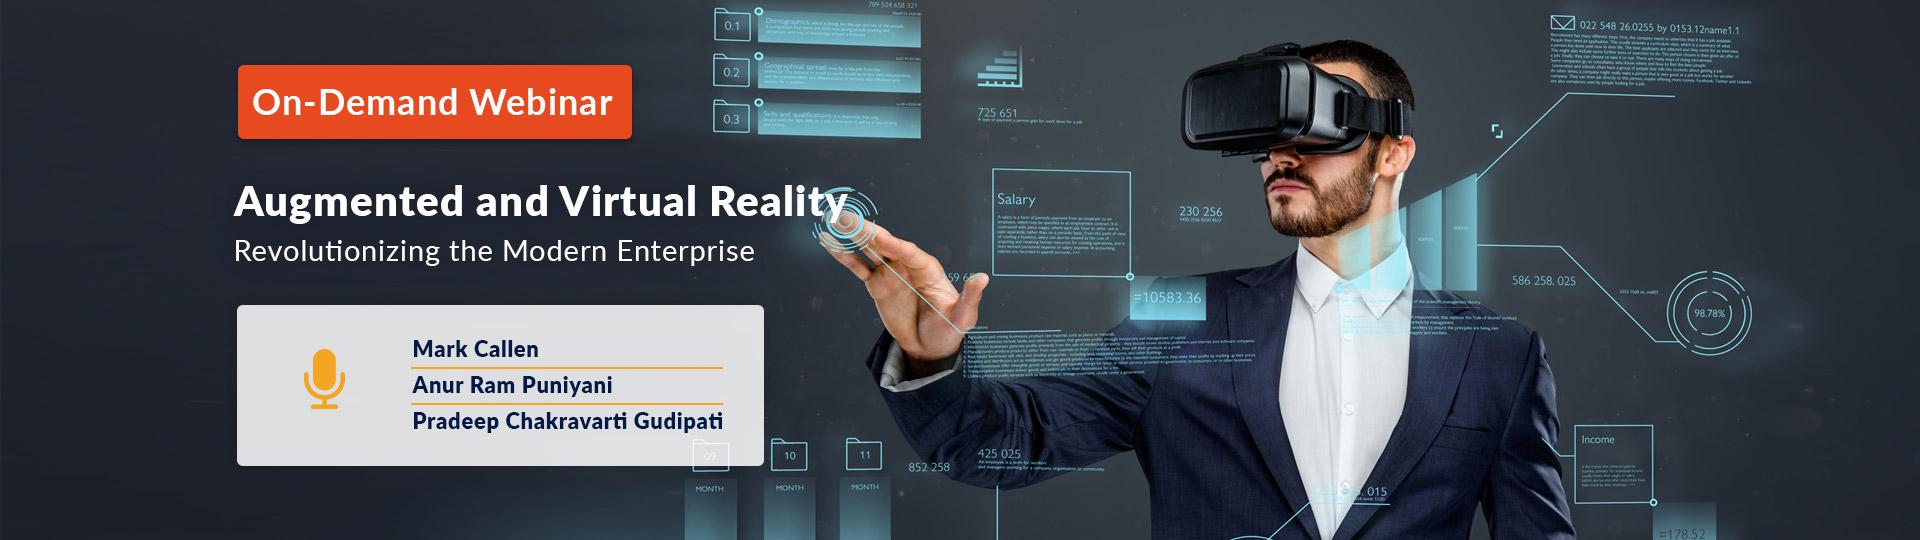 OnDemandWebinar-Augmented-and-Virtual-Reality